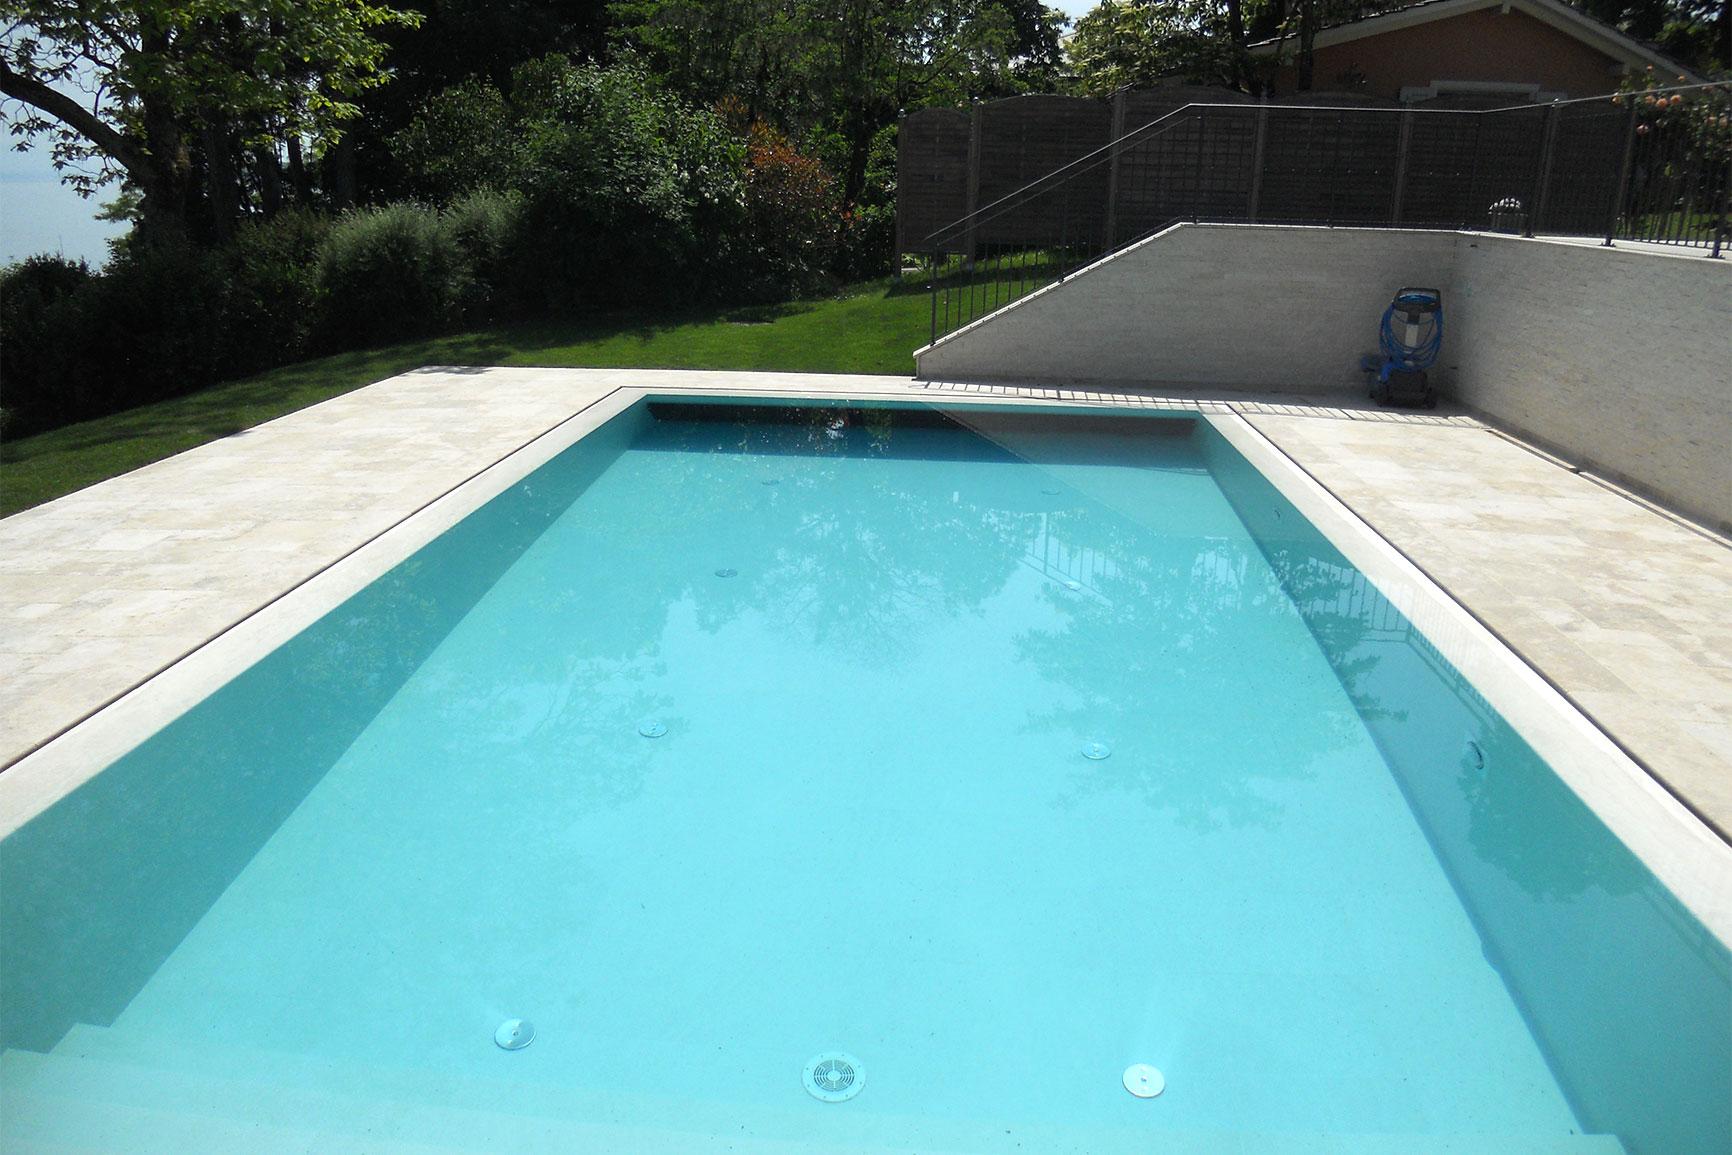 Piscine carrelage et d bordement couverture grando for Chavannes piscine